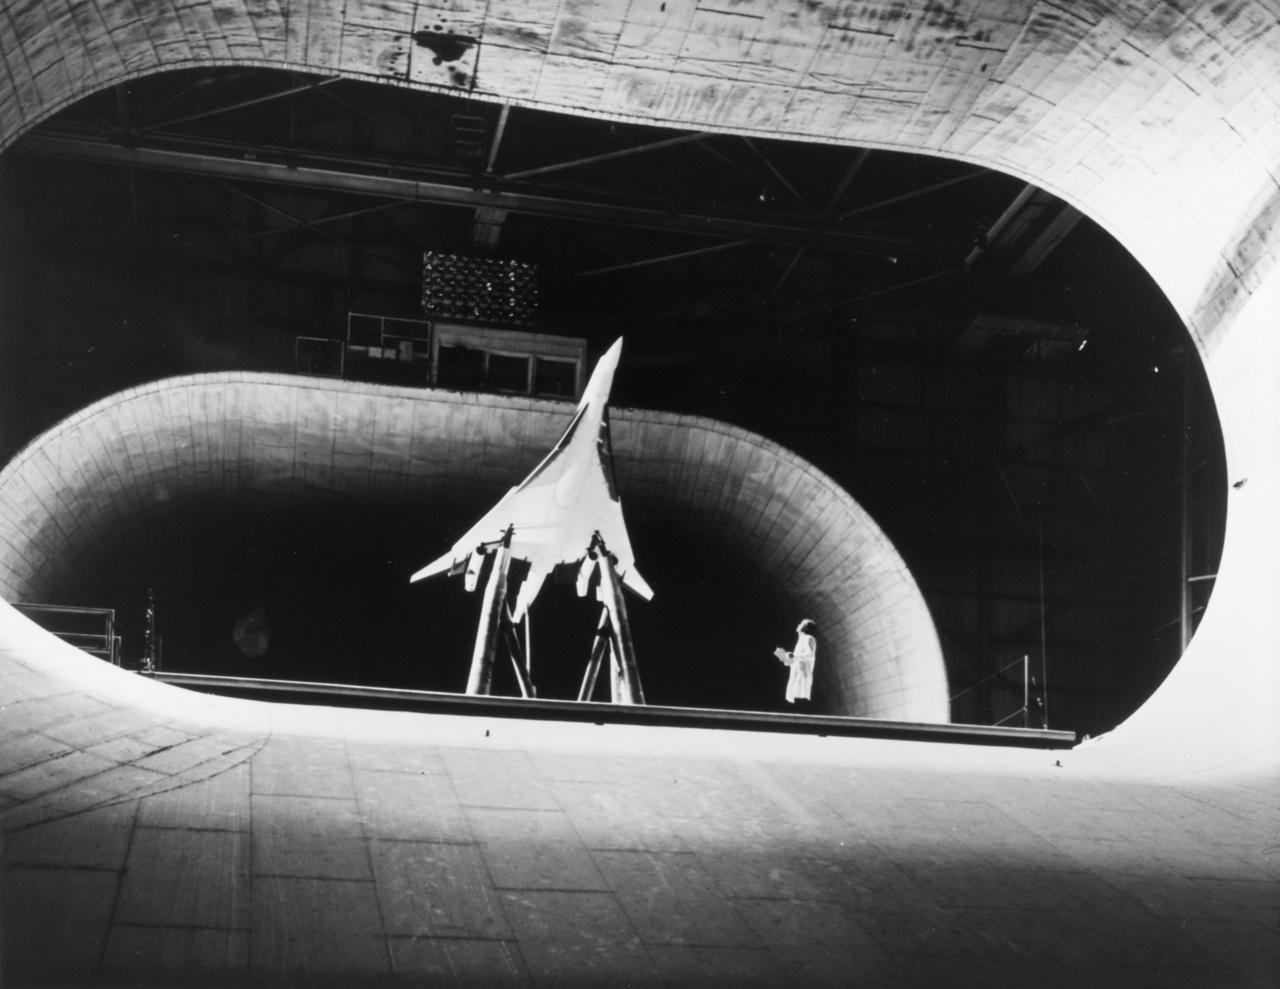 Szuperszónikus repülőgép nagyméretű modellje a szélcsatornában, a hetvenes években.